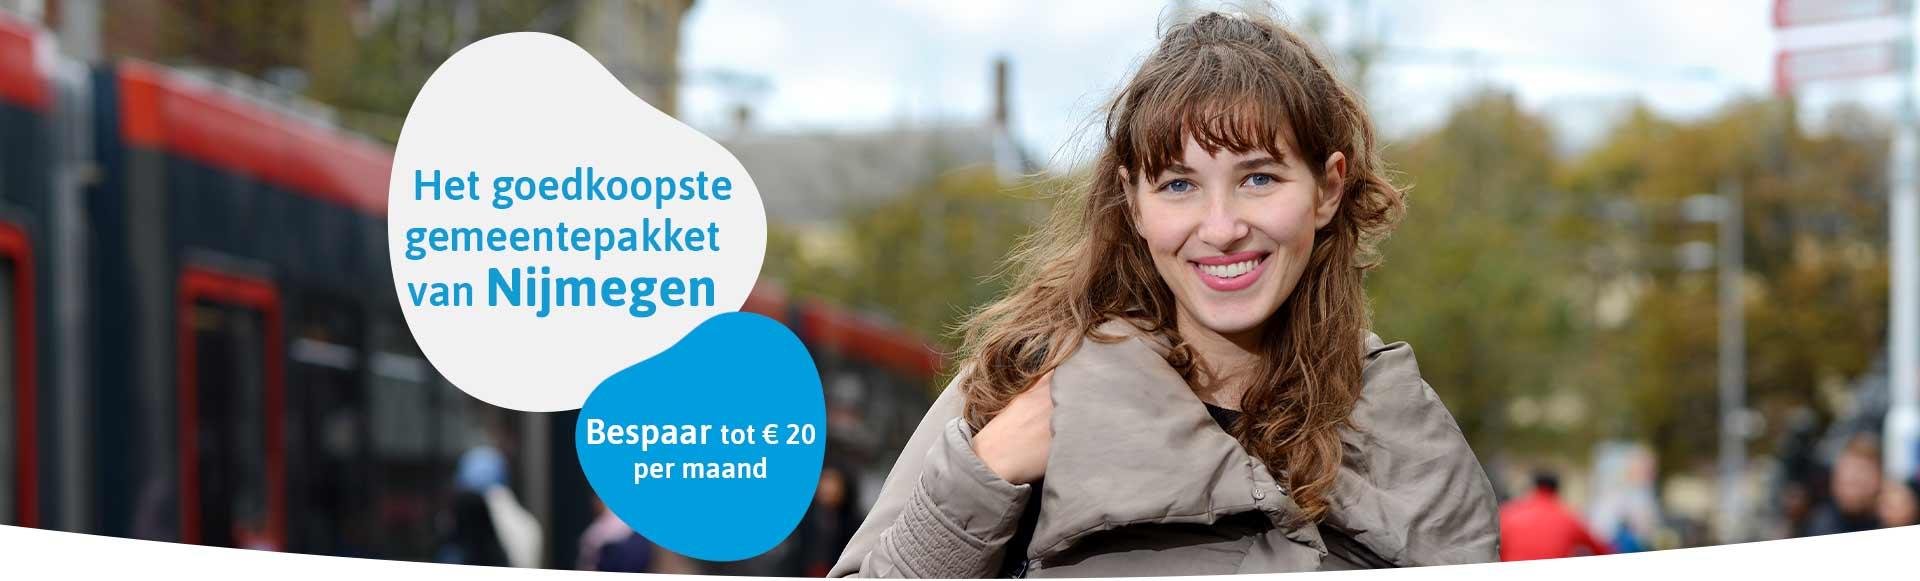 VGZ Gemeentepakket Nijmegen